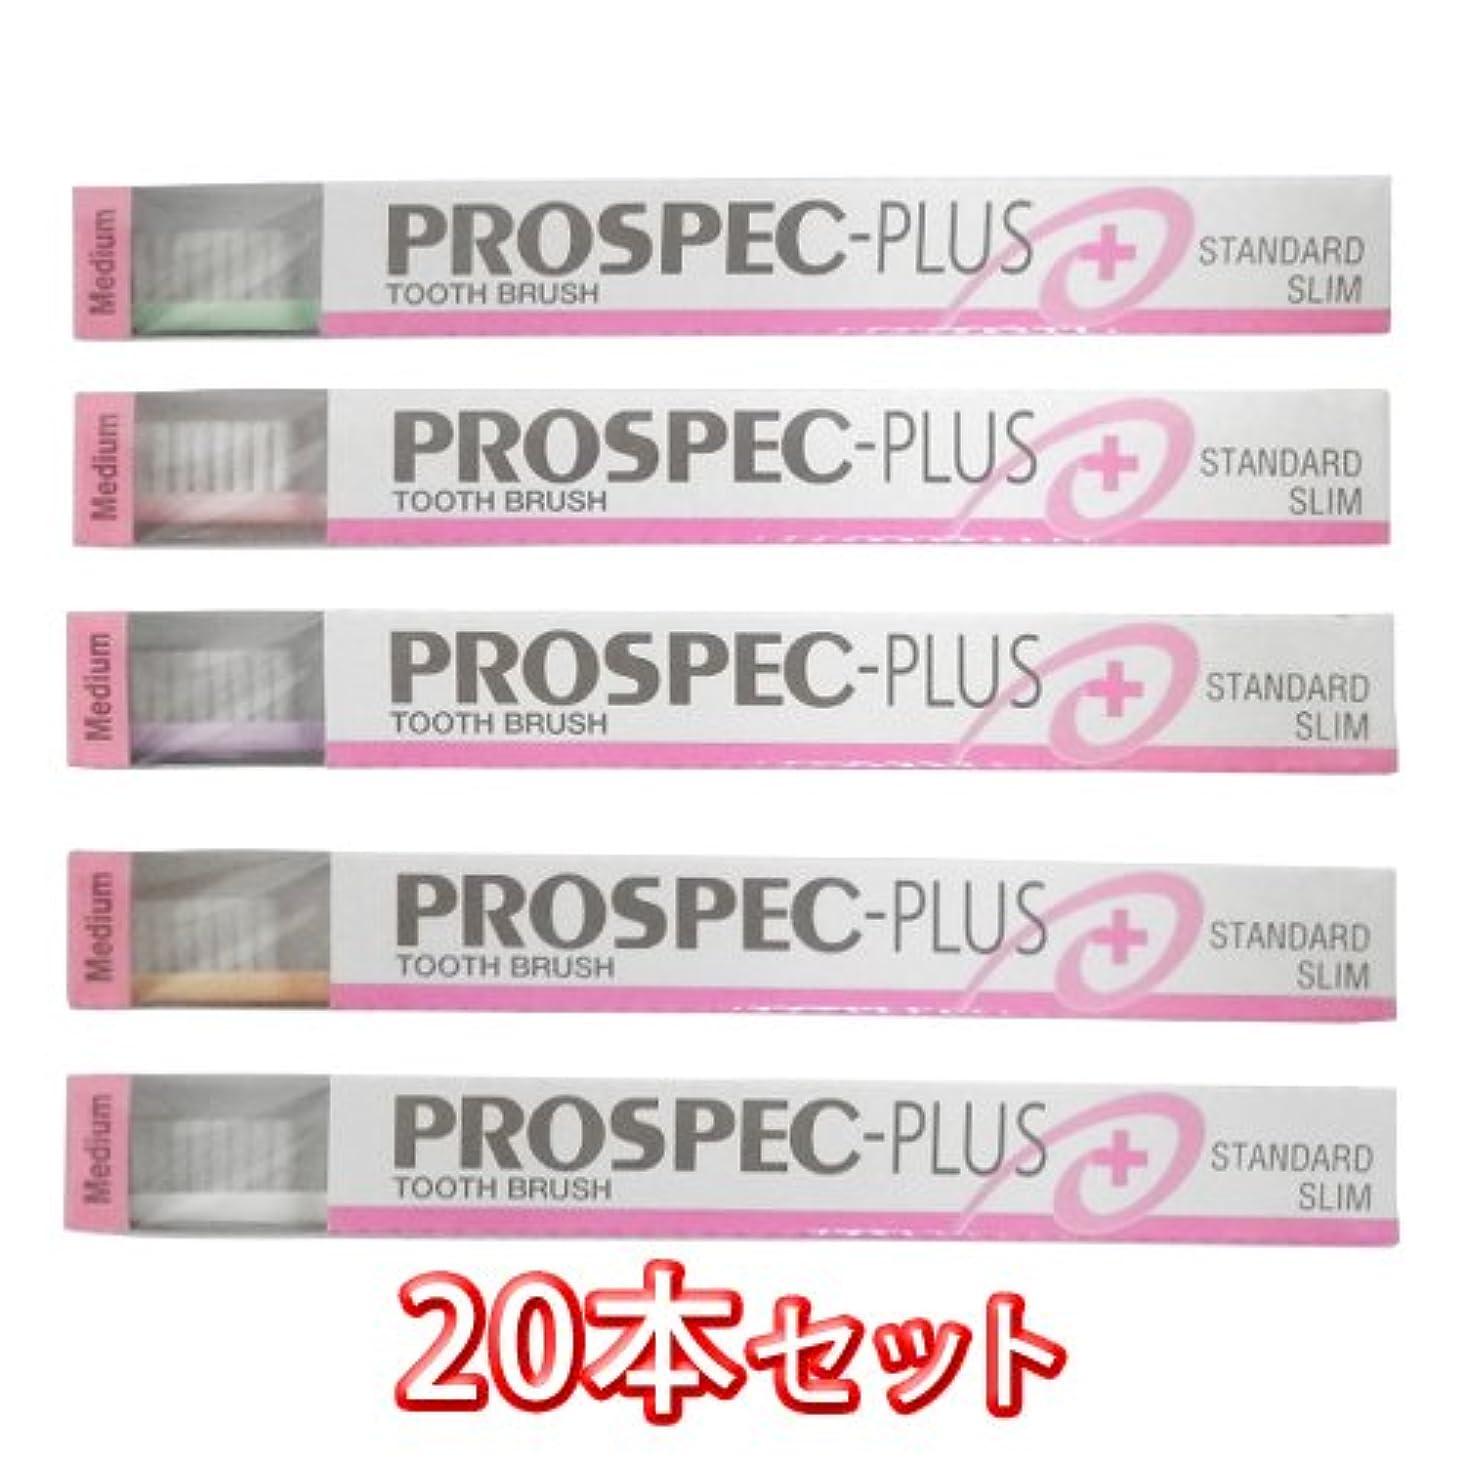 安定したペチコートクッションプロスペック 歯ブラシ プラス スタンダード スリム 20本入 (M(ふつう))